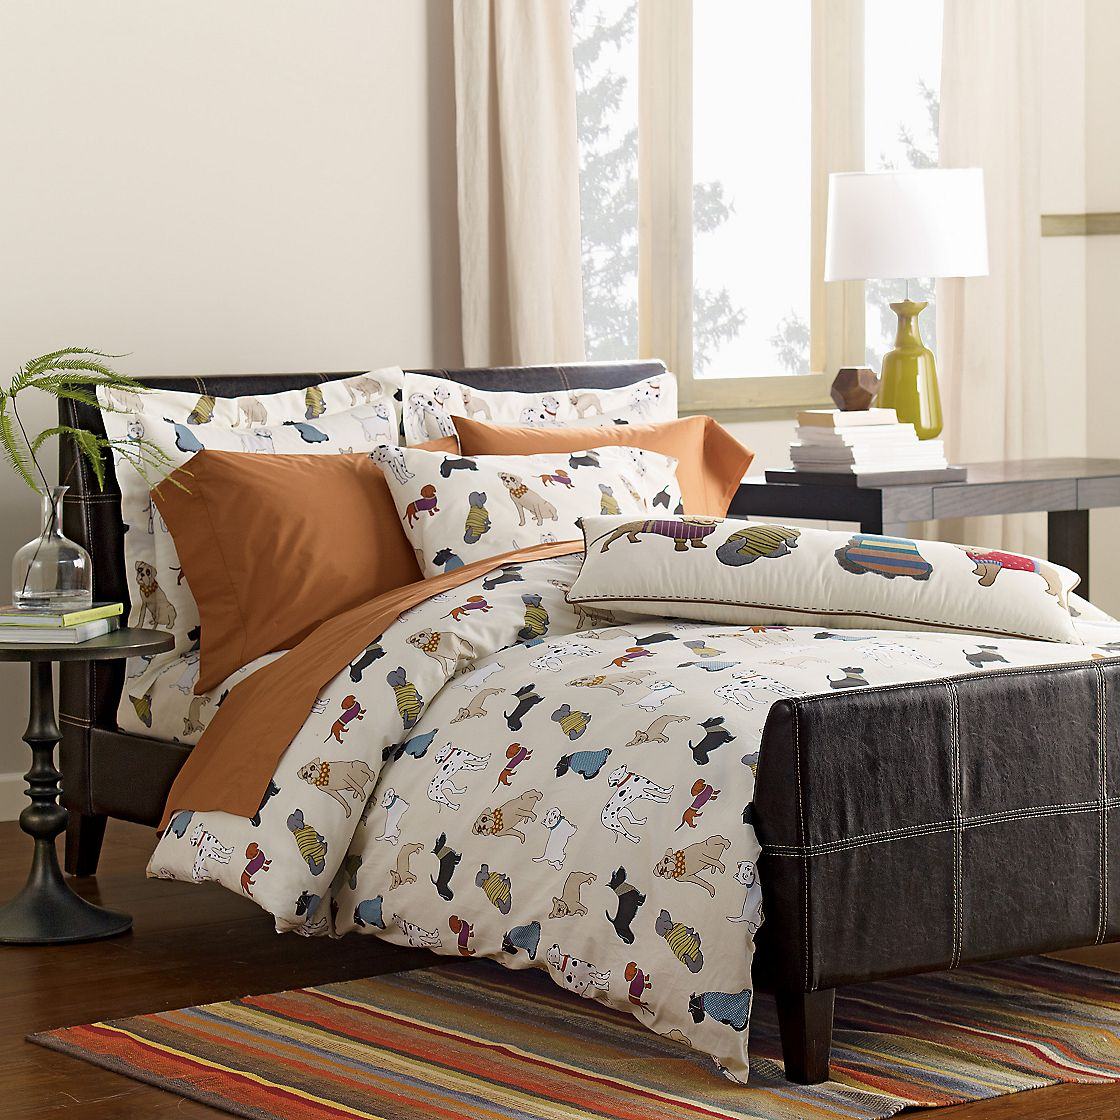 Dog bedding sets home furniture design for Dog themed bedroom ideas